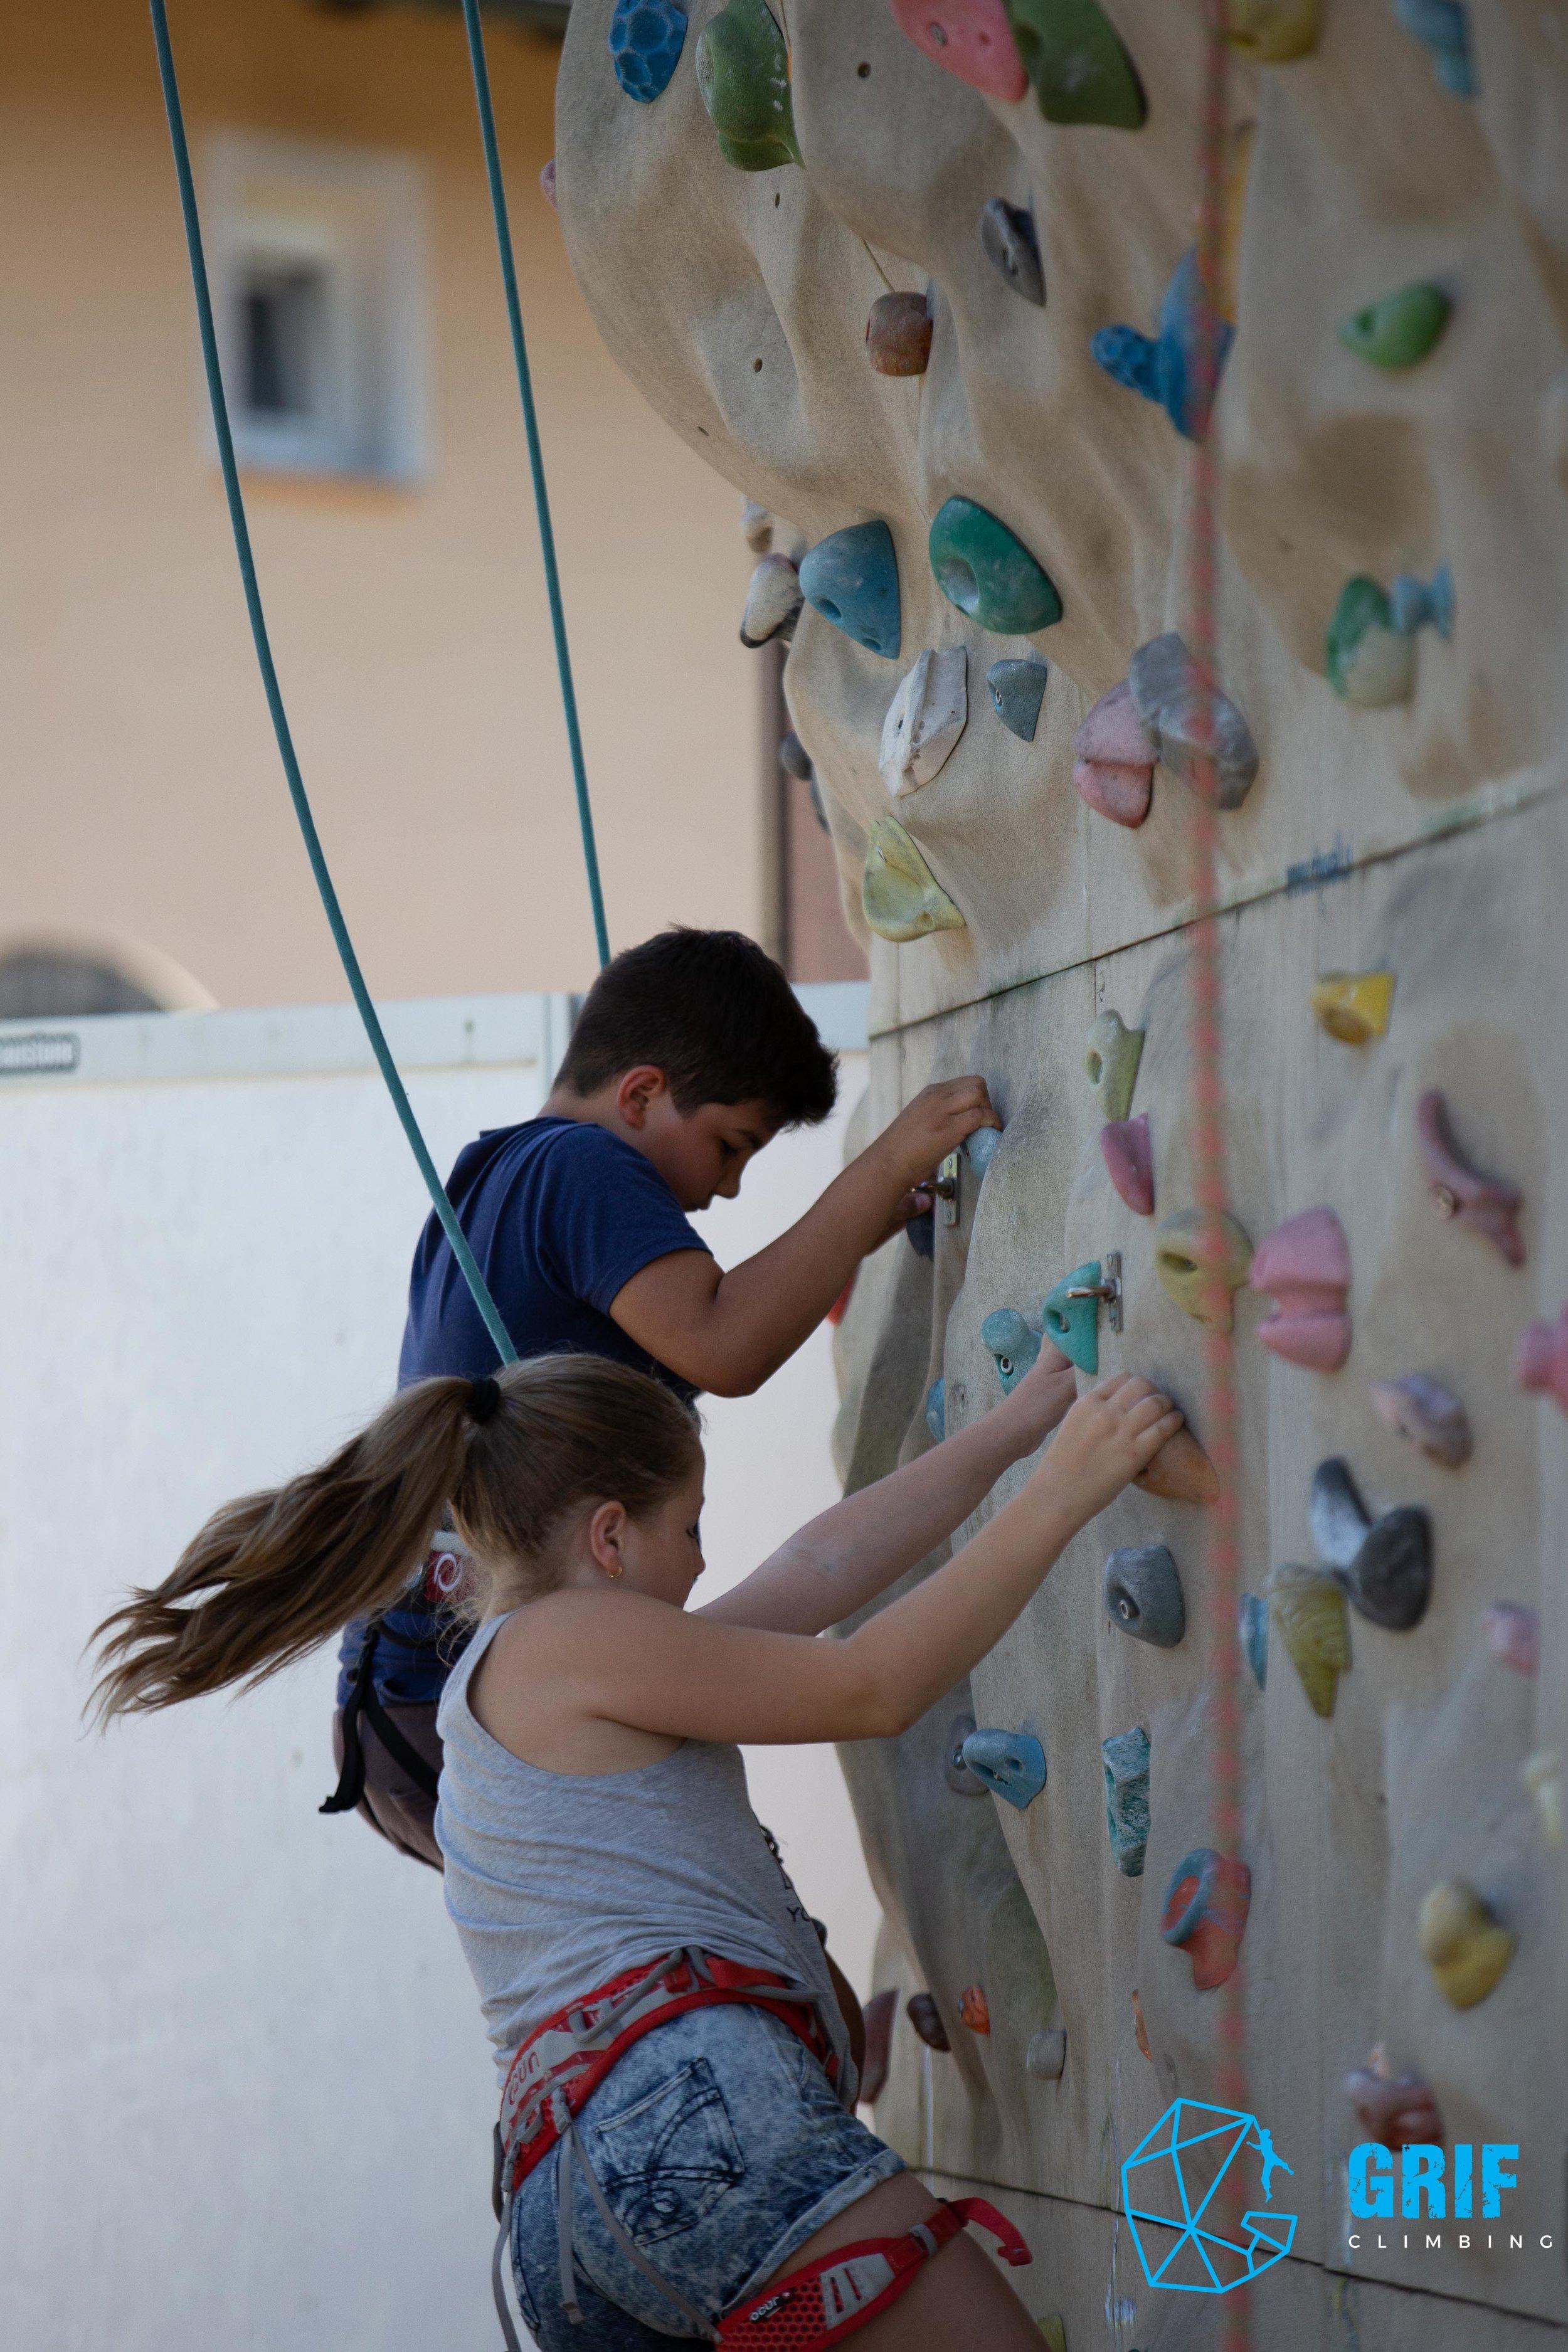 Aktivno počitniško varstvo za otroke Plezalno društvo Grif152.jpg